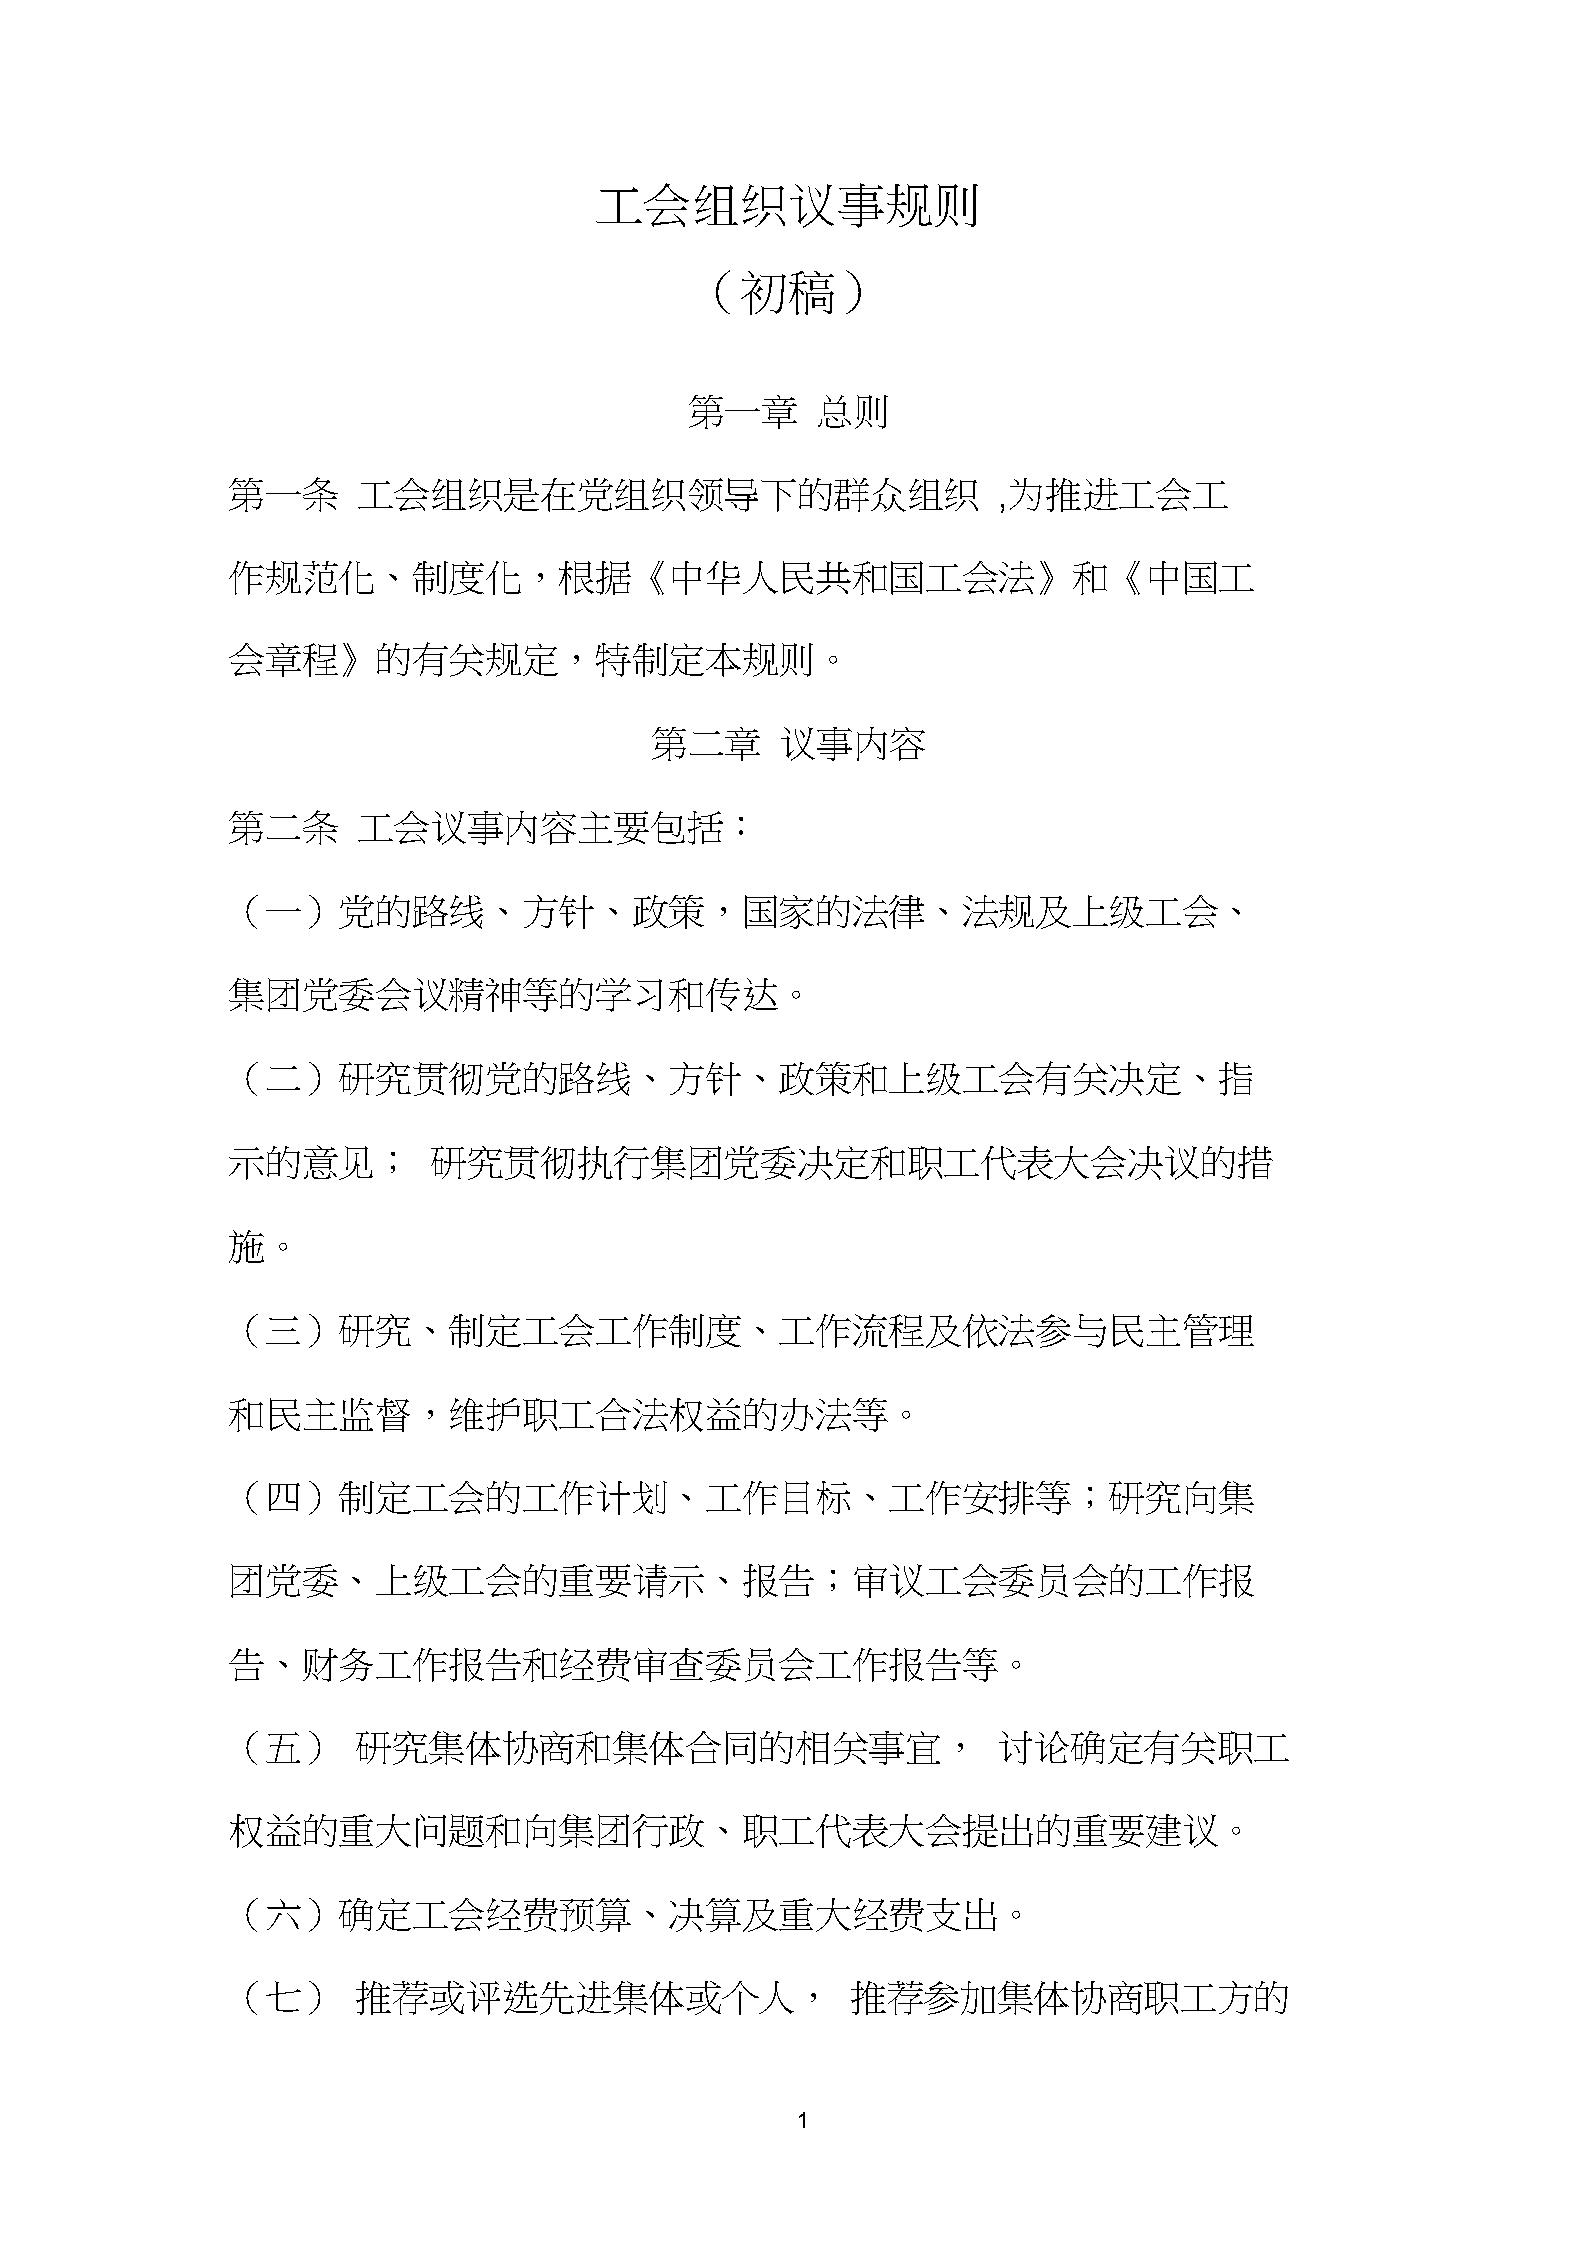 (完整版)集团工会议事规则(具体).docx